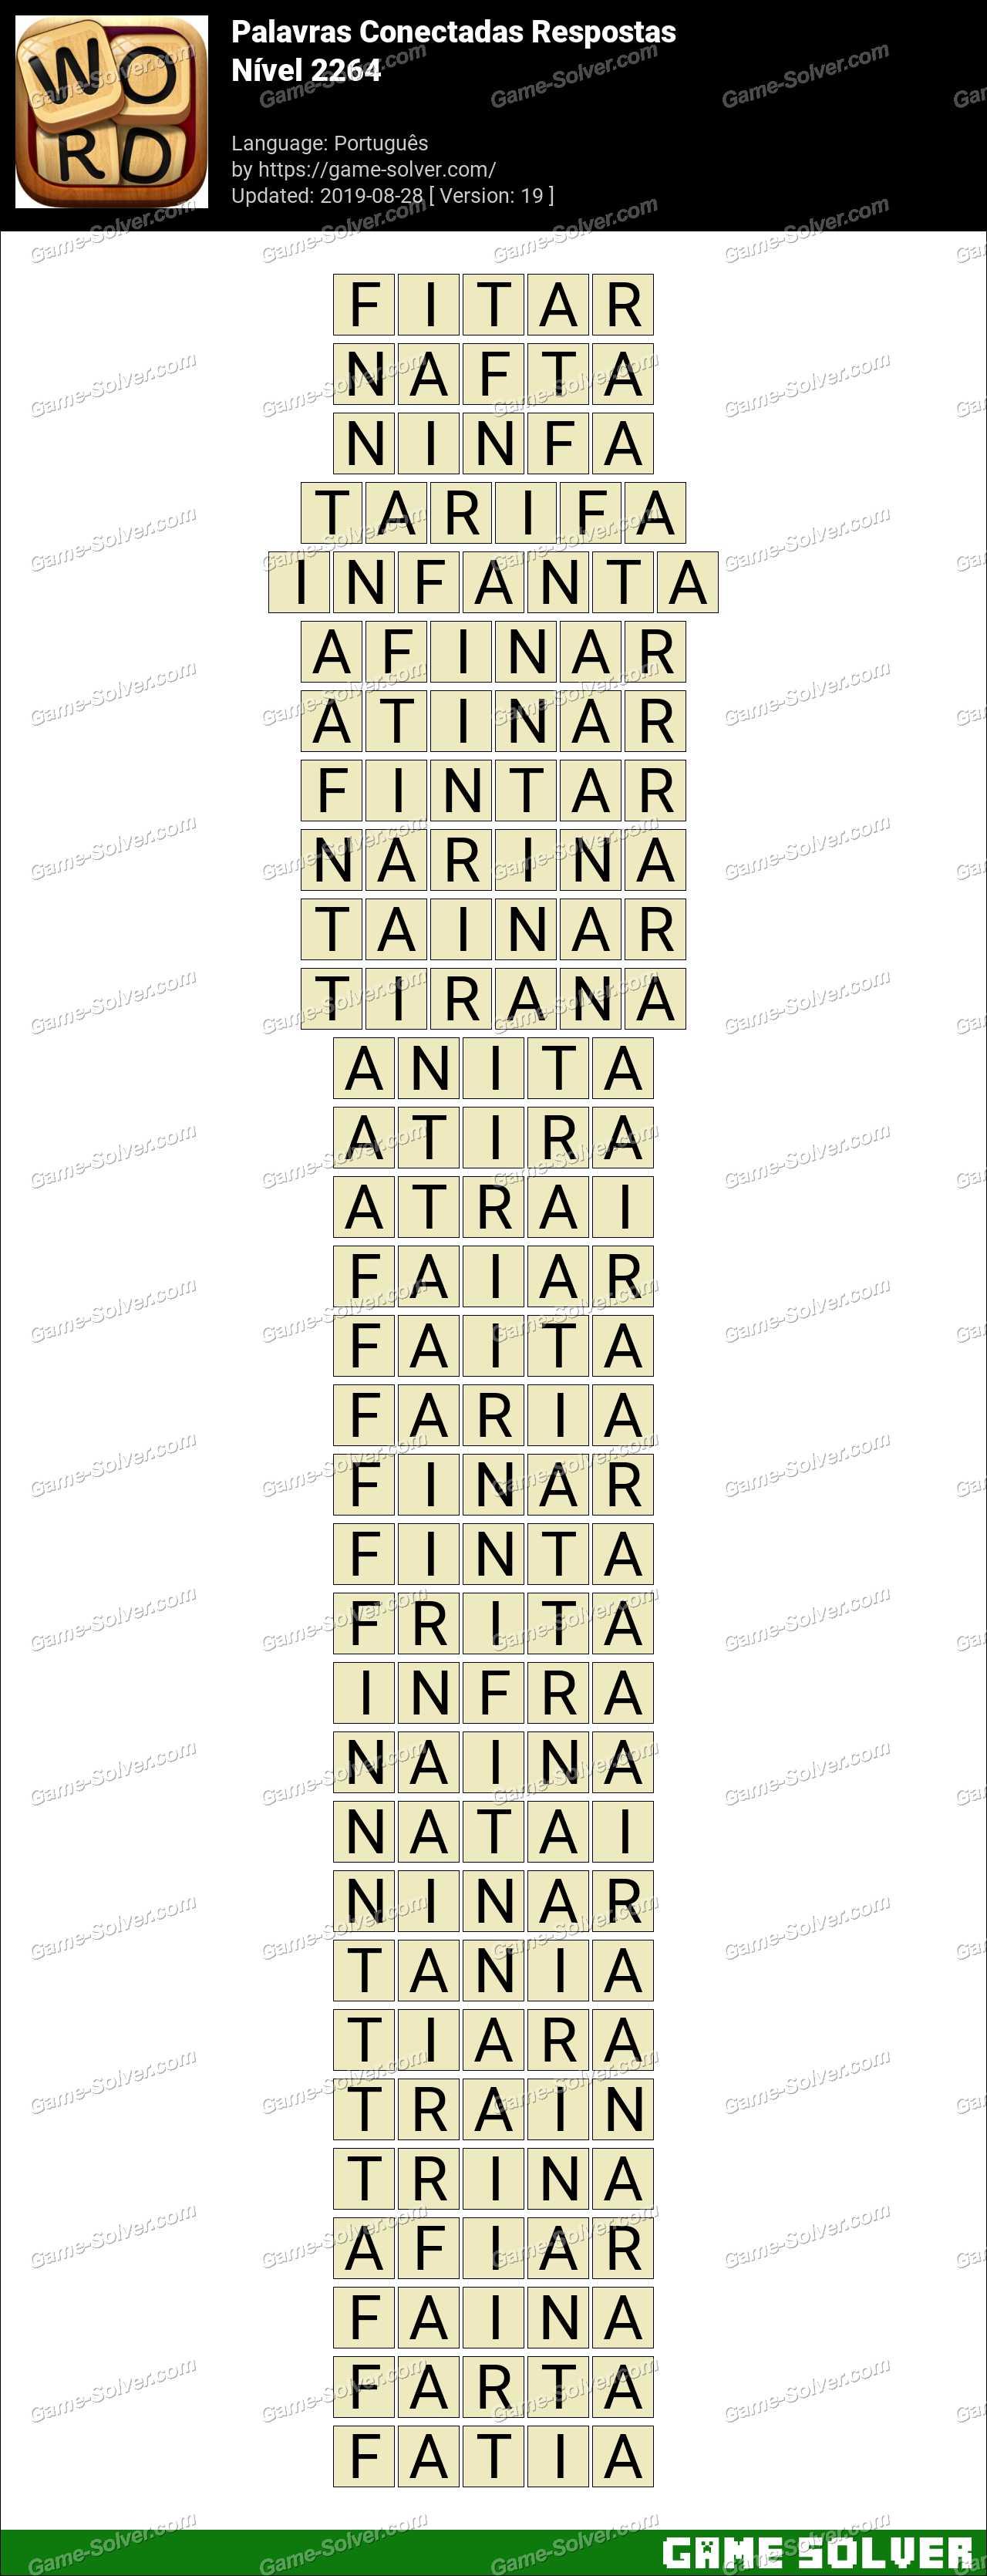 Palavras Conectadas Nivel 2264 Respostas